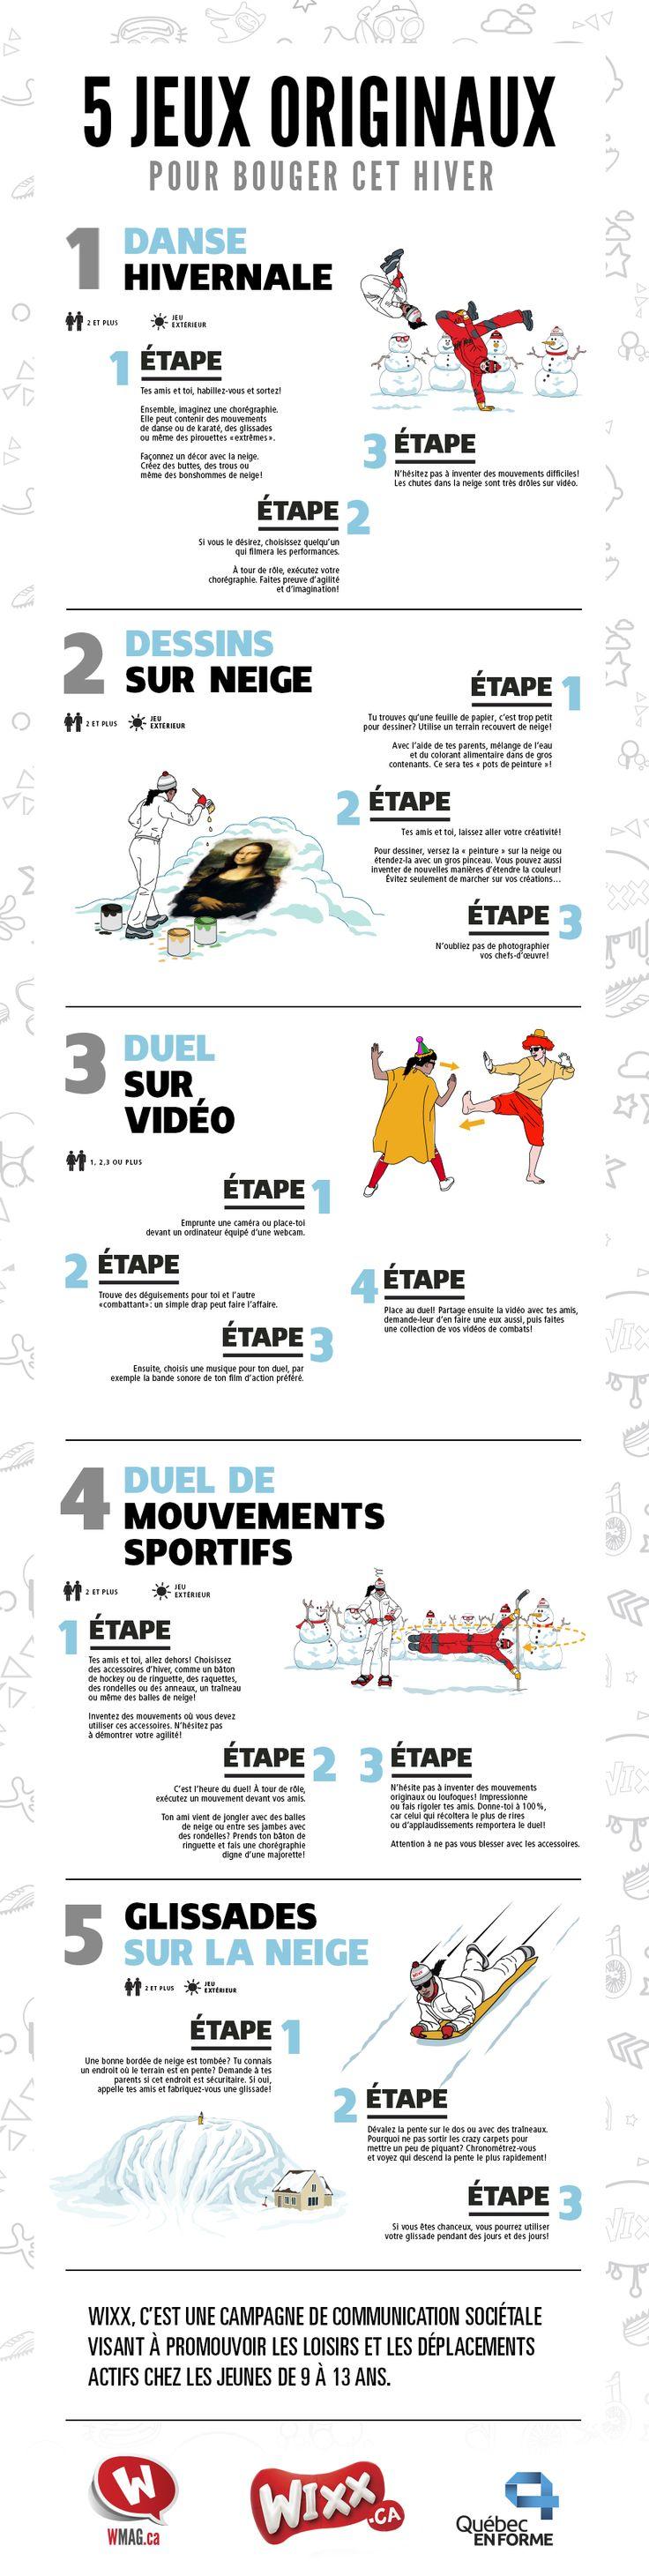 Vous avez épuisé votre banque d'idées? Voici cinq jeux originaux qui feront bouger les préados durant les vacances!